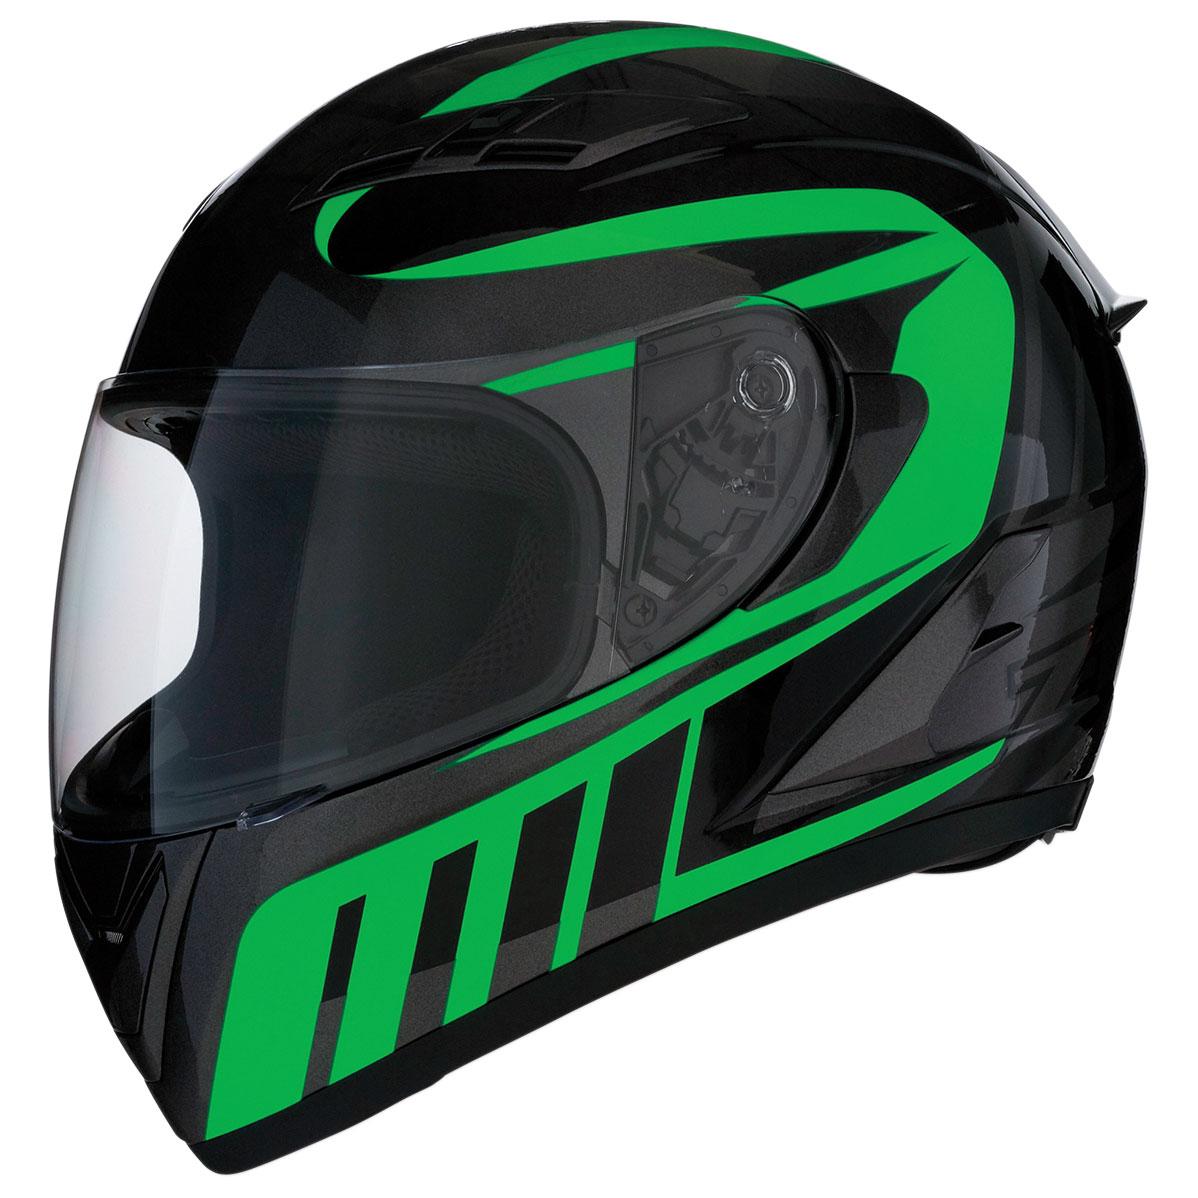 Z1R Strike Ops Attack Green Full Face Helmet